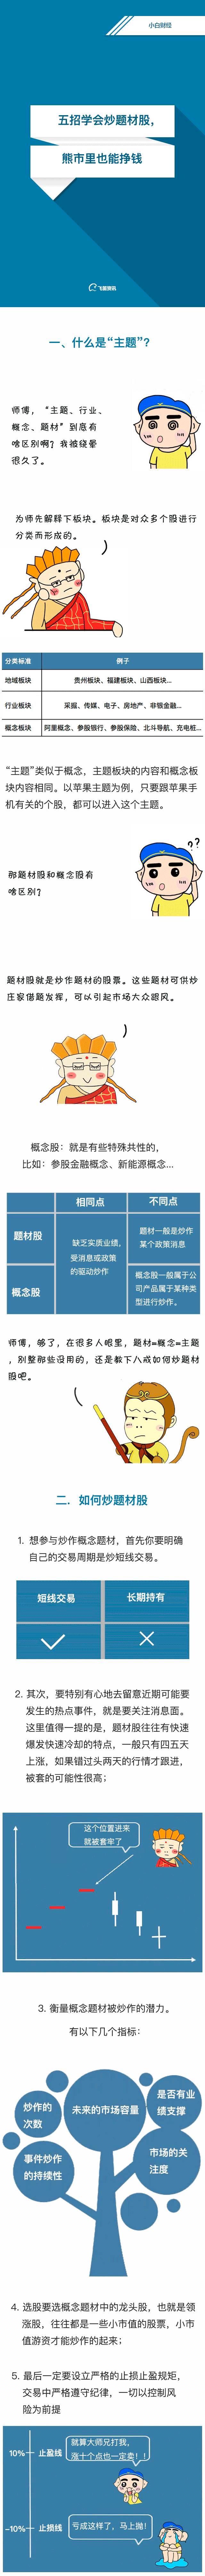 「配资公司」五招学会题材炒股 熊市里也能赚钱